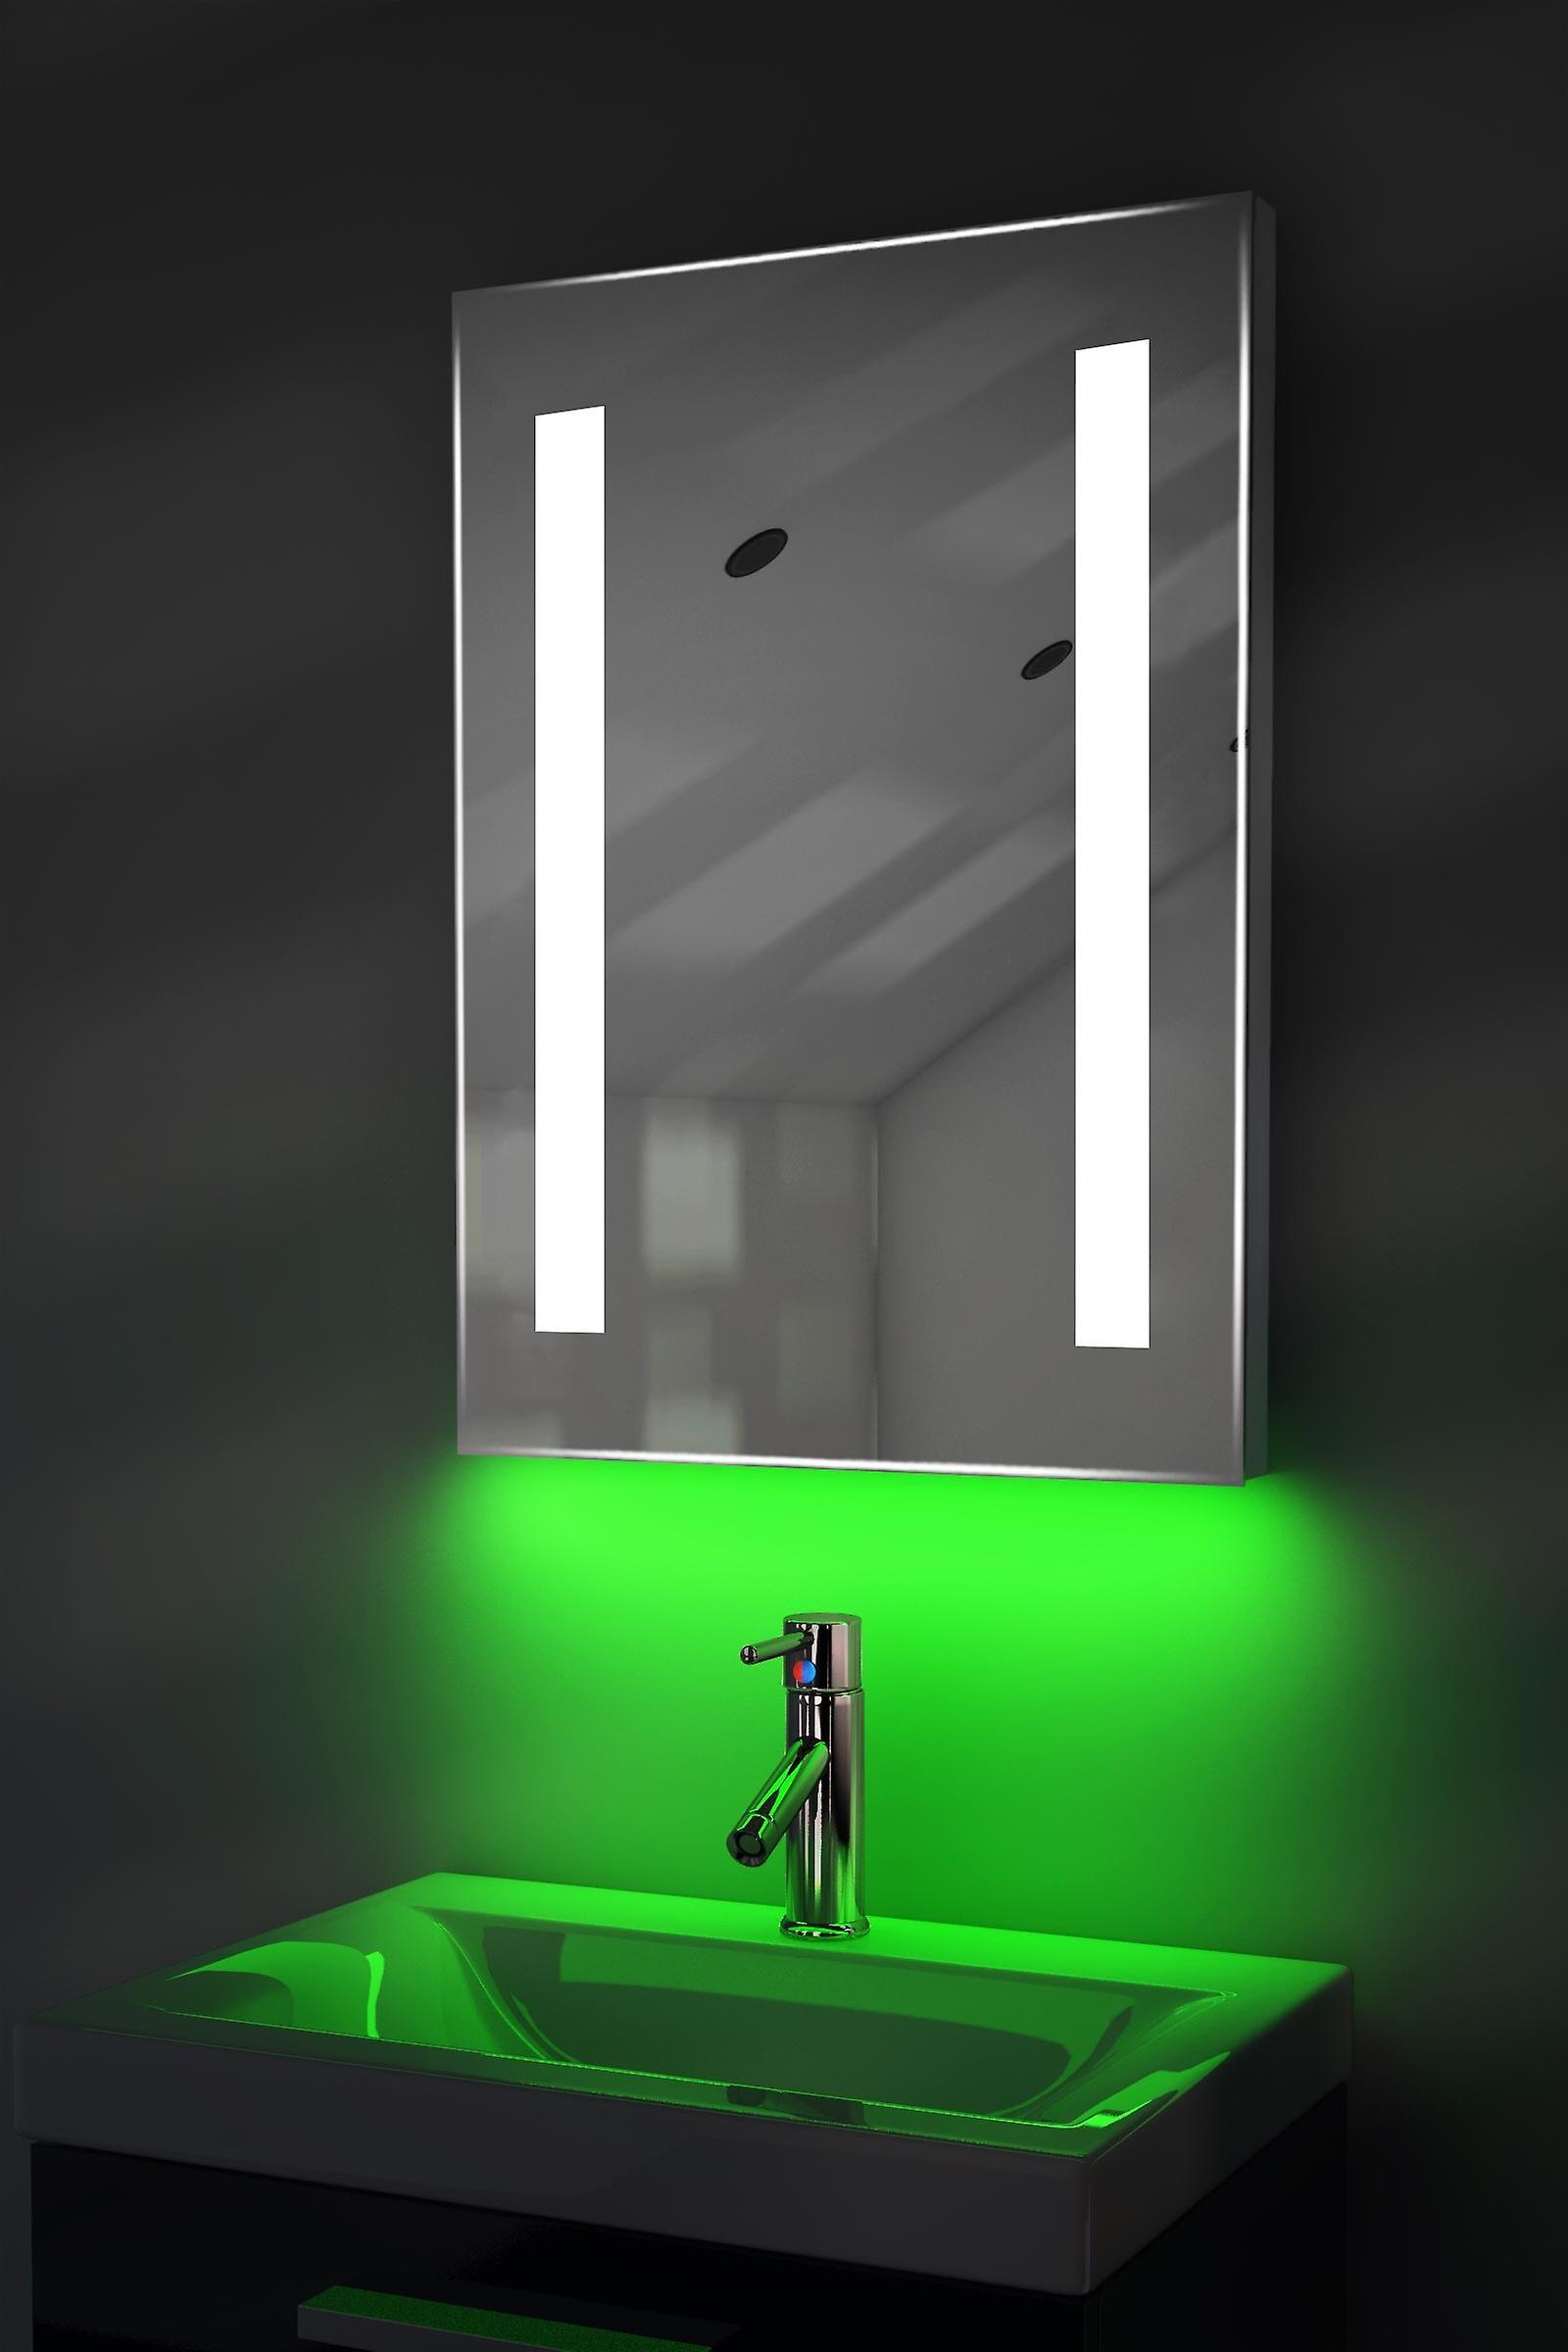 Auto couleur changement rasoir miroir avec désembuage & K205iRgbaud capteur